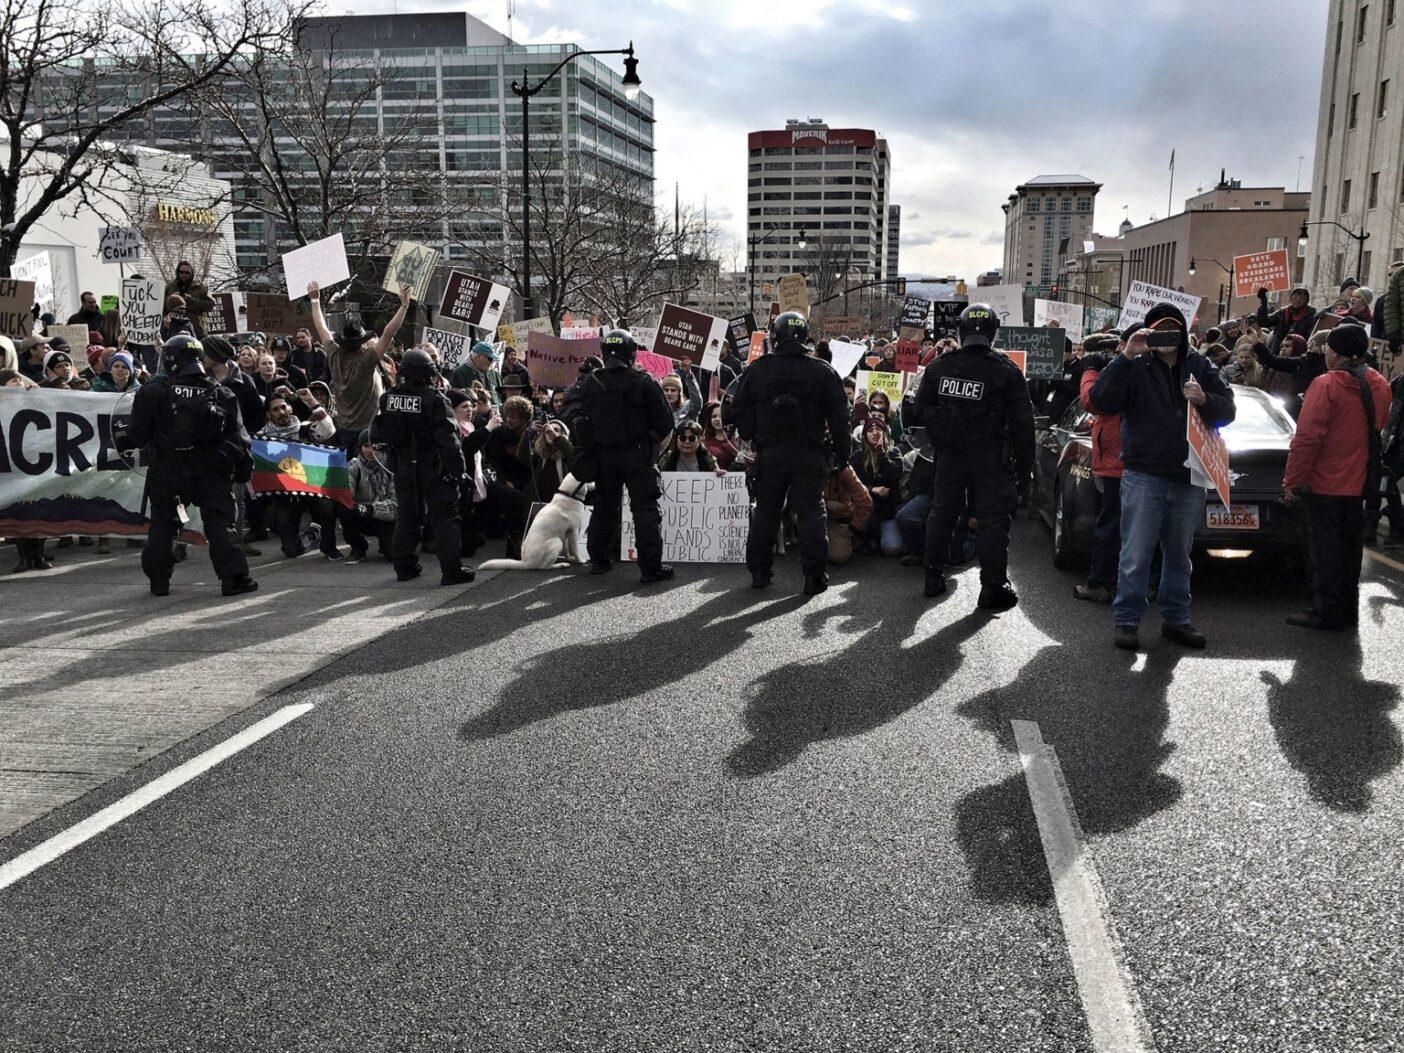 2017年12月4日にソルトレイク・シティで街頭の抗議者と対決する警察。これは『パブリック・トラスト』の撮影の初日で、トランプ大統領が、法的正統性が疑問視されるベアーズ・イヤーズとグランド・ステアケース・エスカランテ国定公園の削減を発表するためにソルトレイク・シティに到着した日だった。